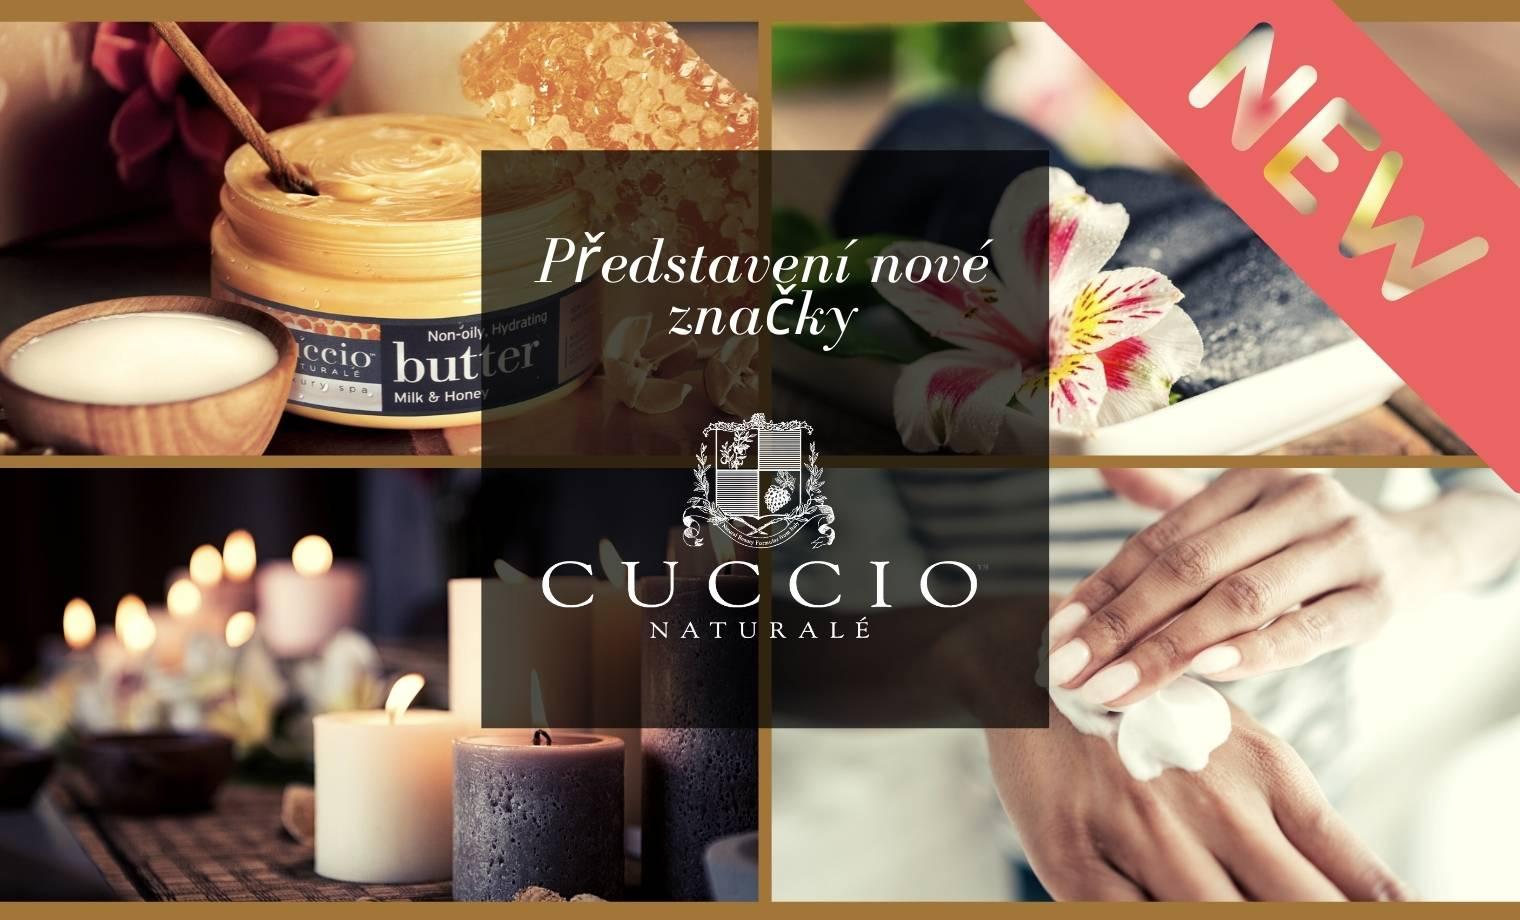 Giới thiệu thương hiệu mới mang tên Cuccio naturale